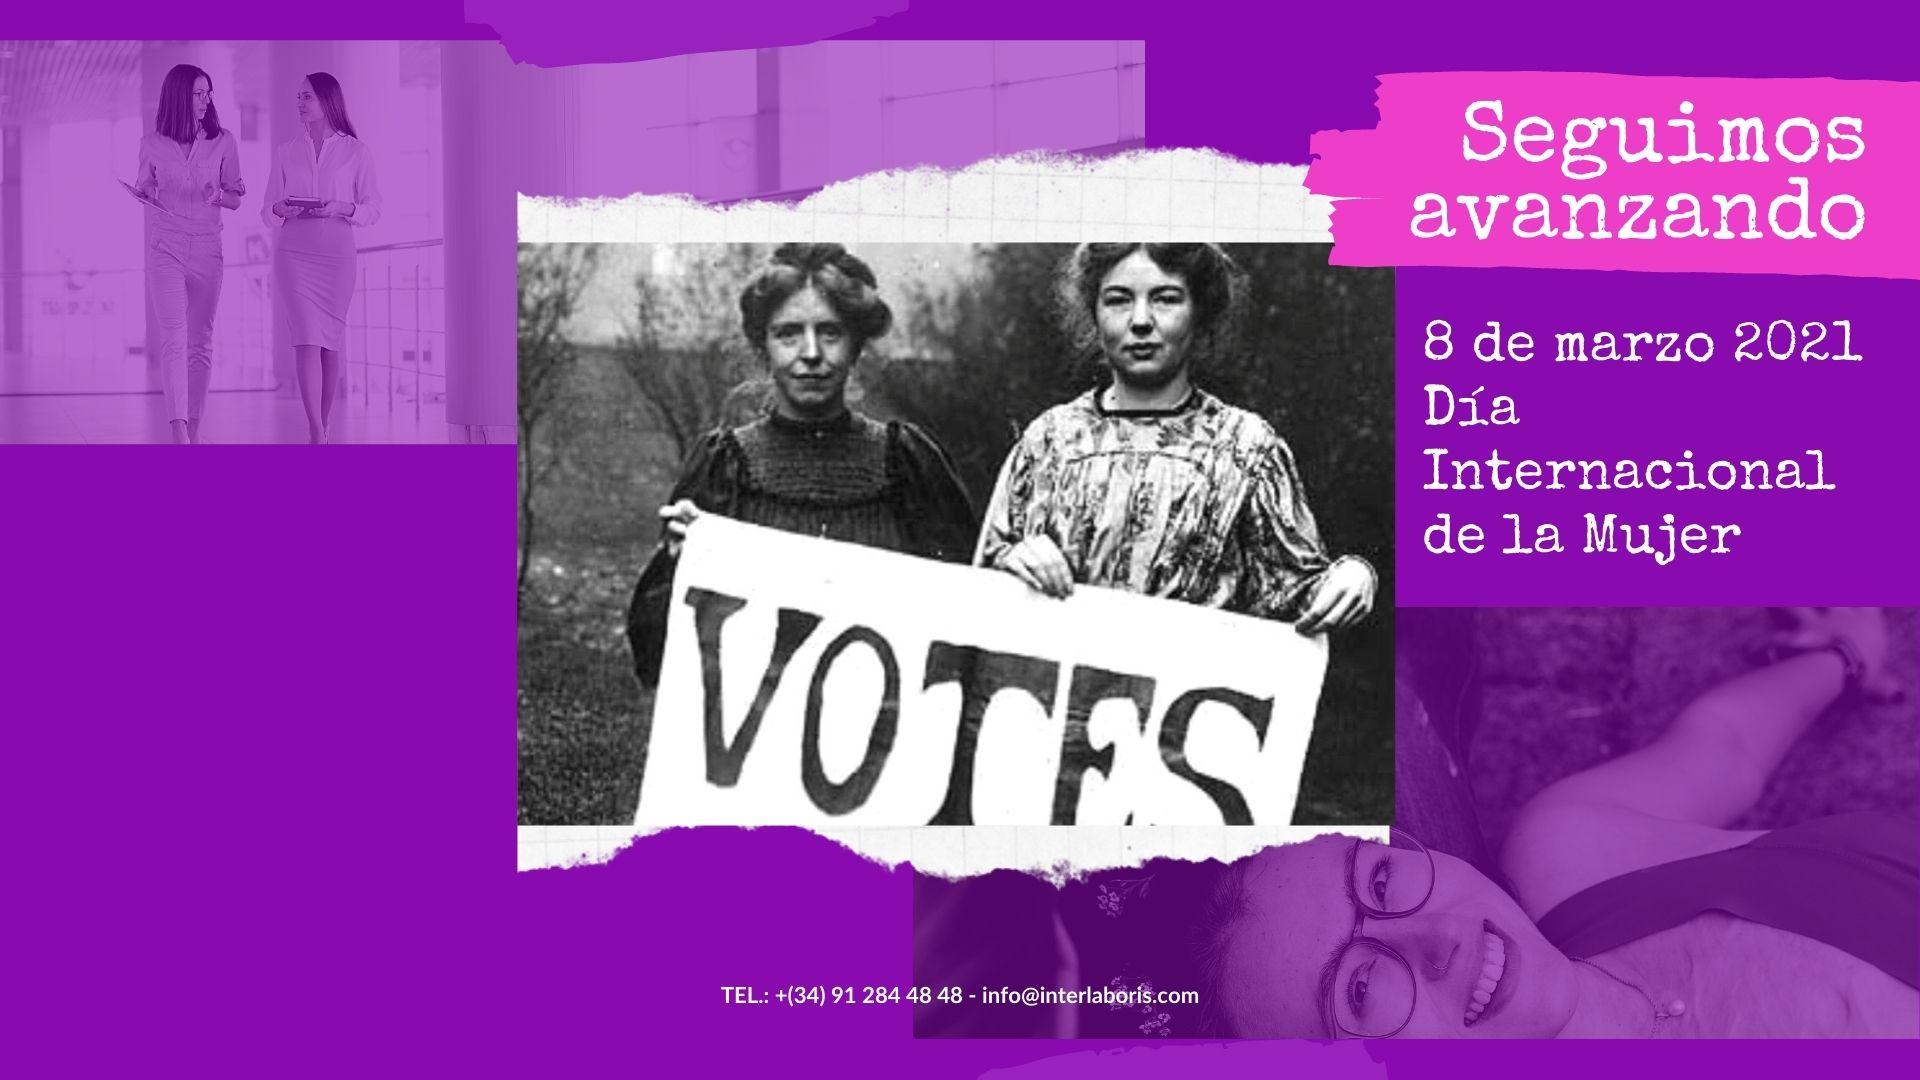 Celebrando la igualdad - Dia Internacional de la Mujer 2021